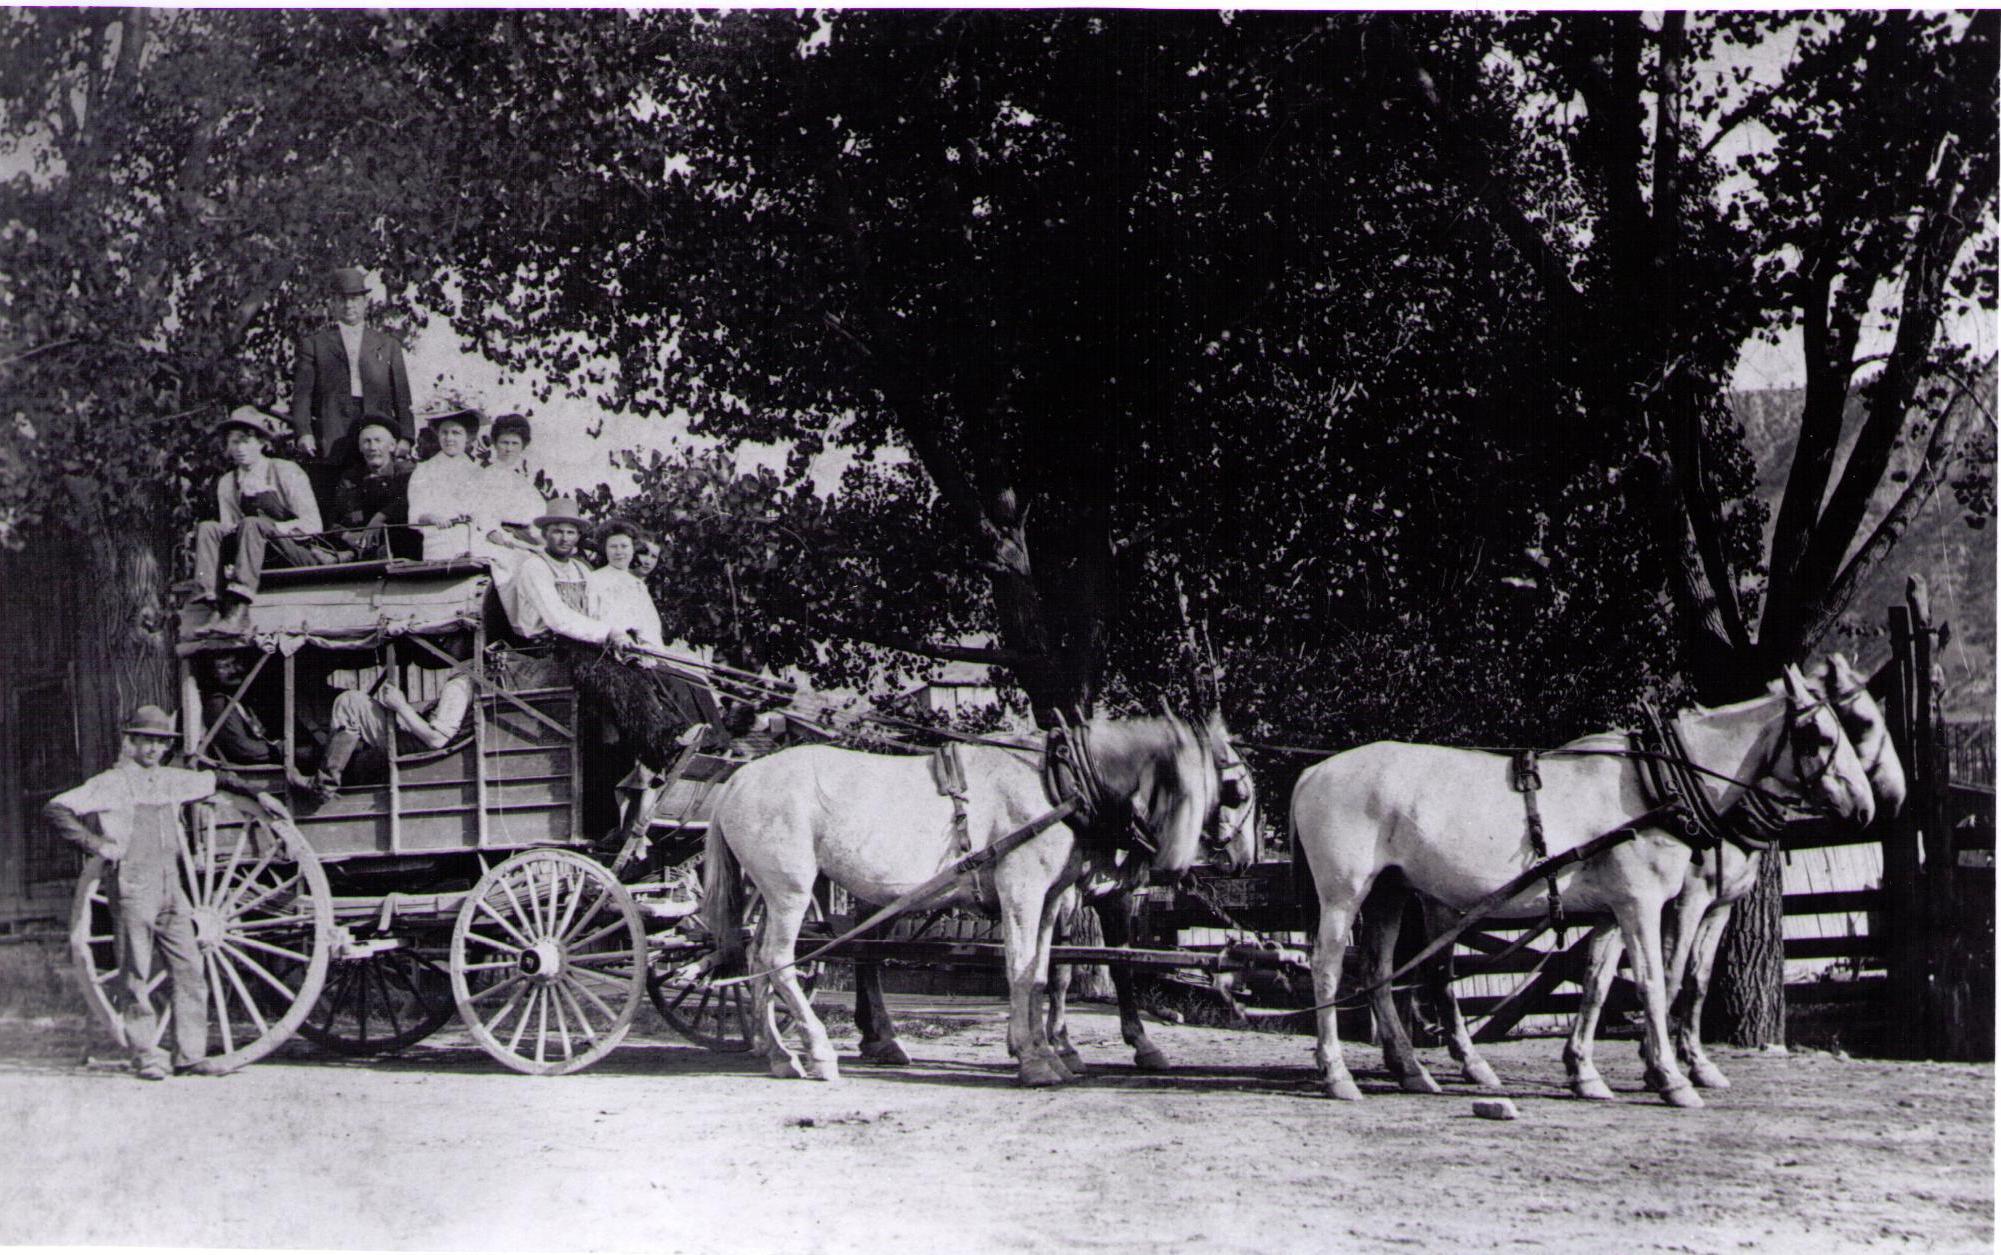 Stagecoach Circa 1900